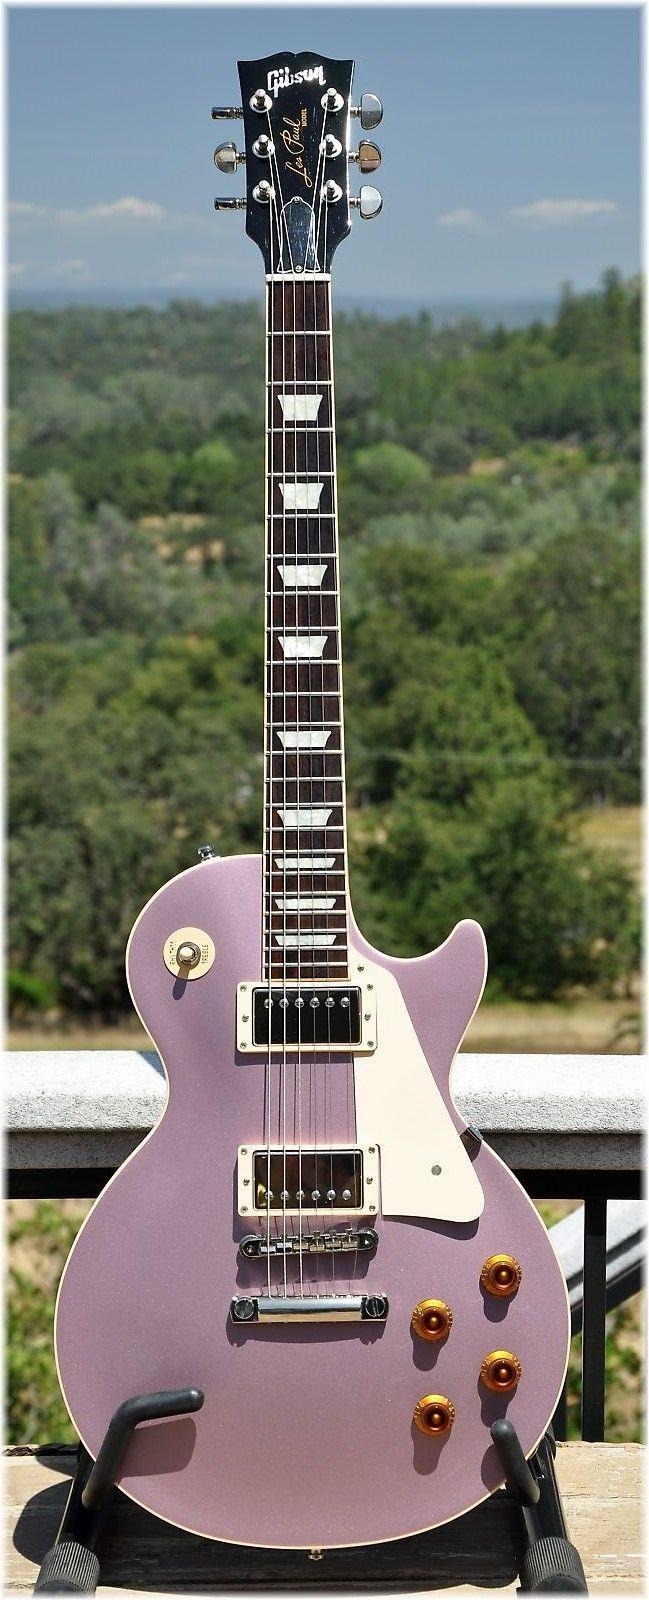 Gibson Custom Shop Custom Pro Les Paul Heather Poly (2010)